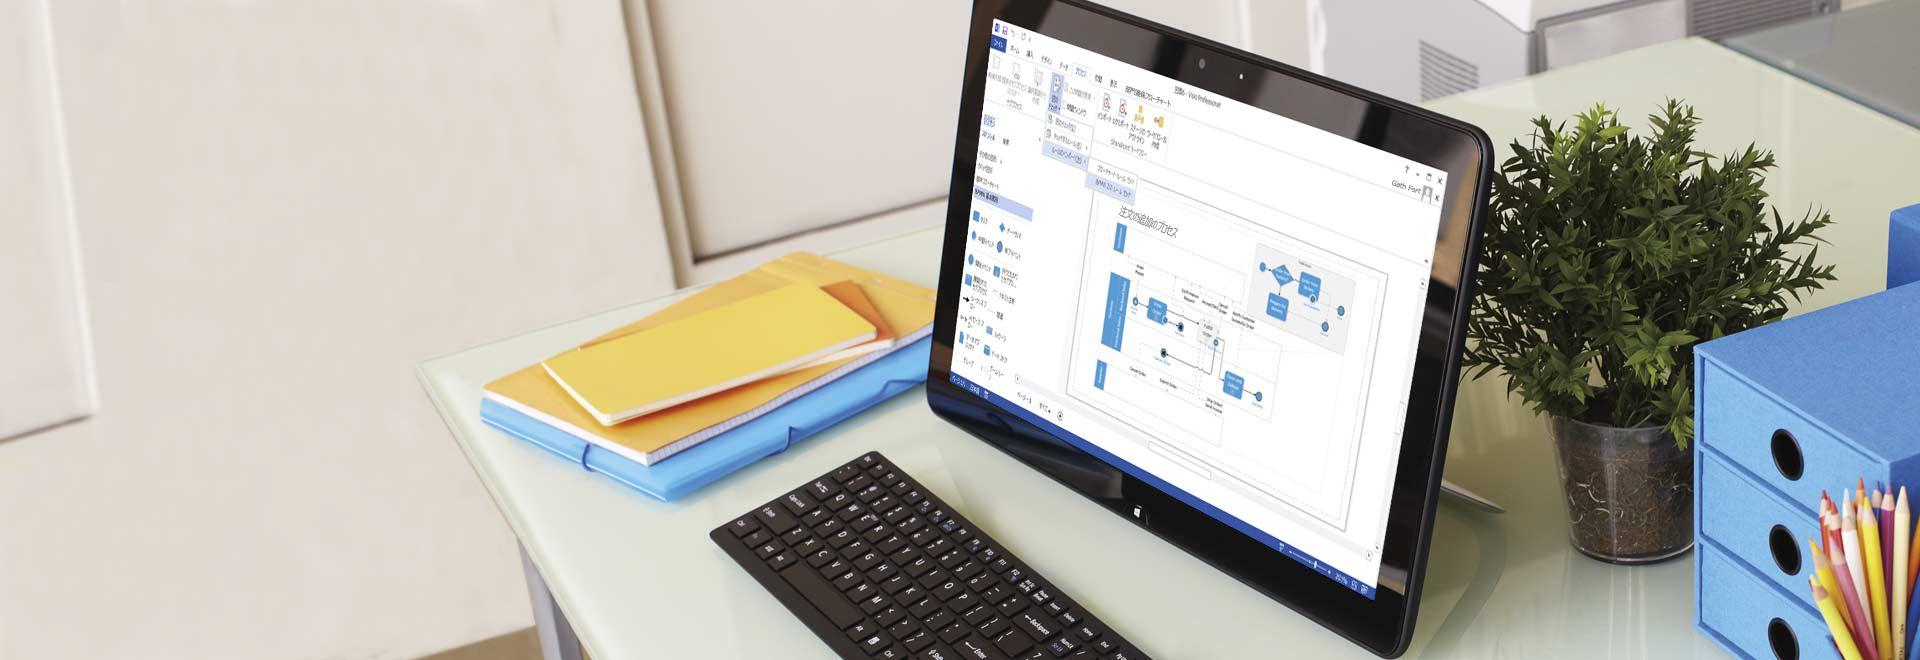 机の上のタブレット コンピューターに Visio Professional 2016 のプロセス図が表示されている